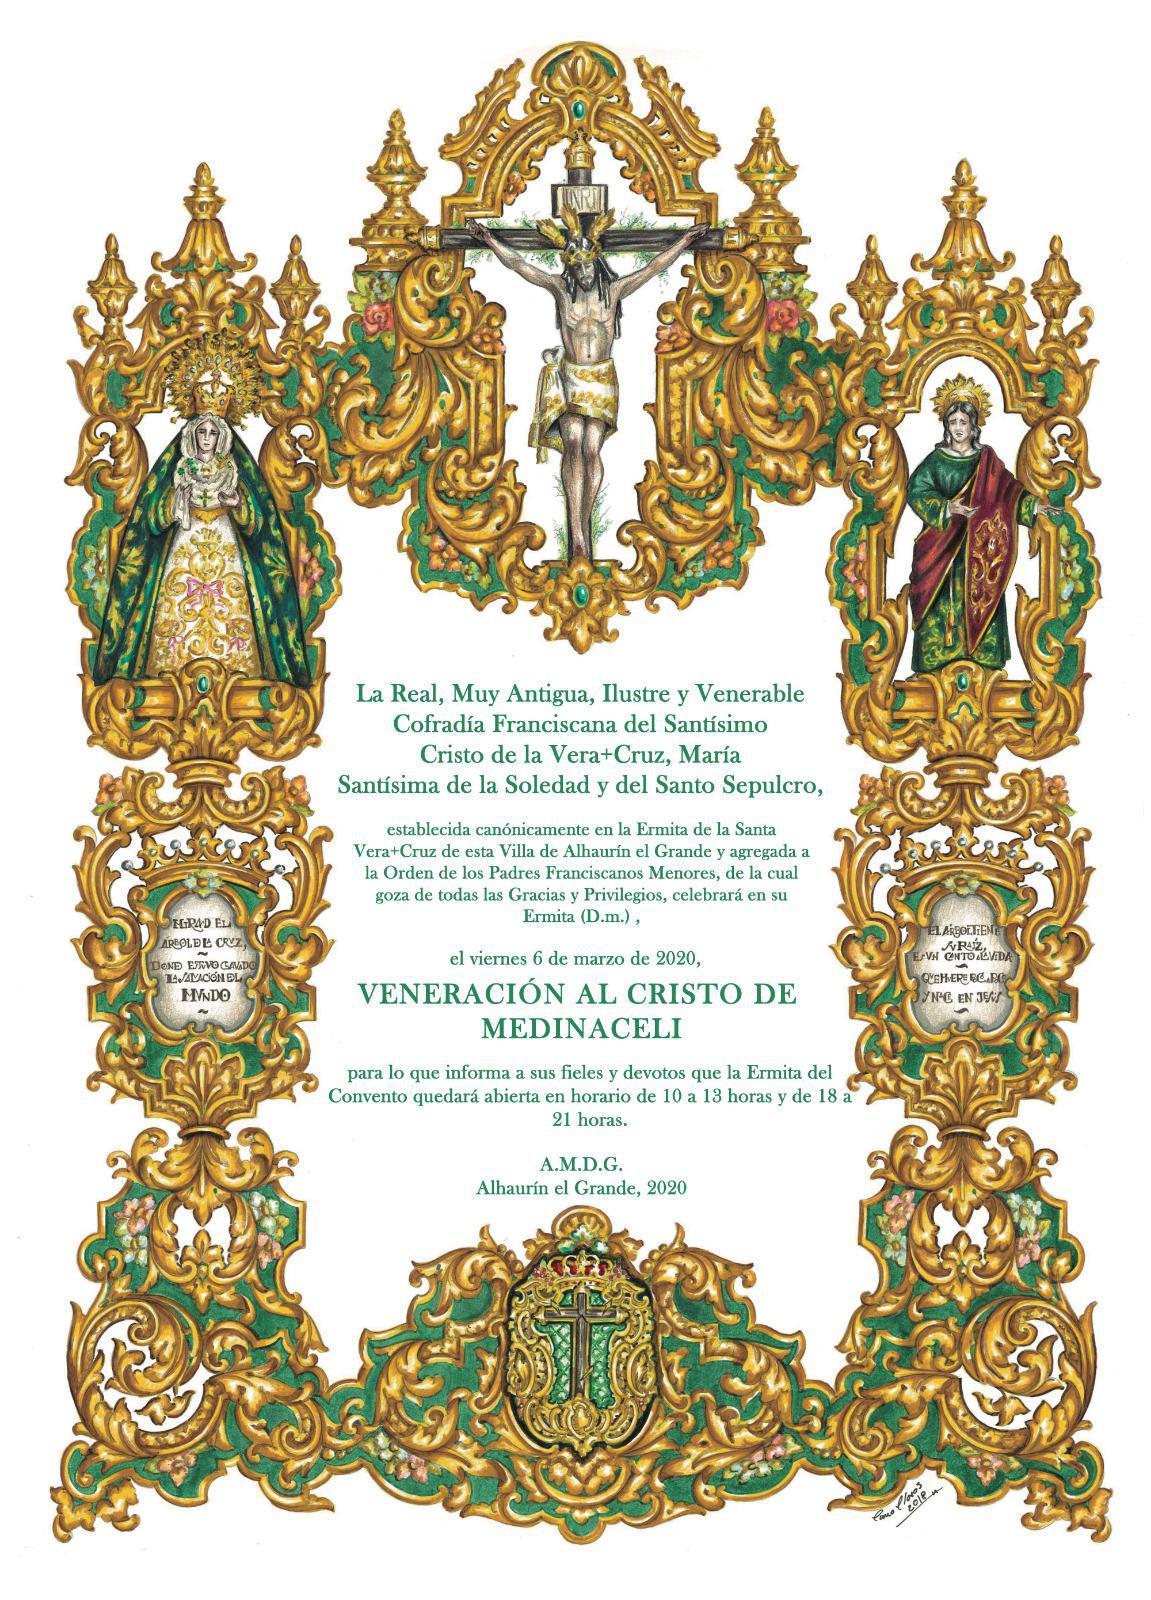 Veneración al Cristo de Medinaceli